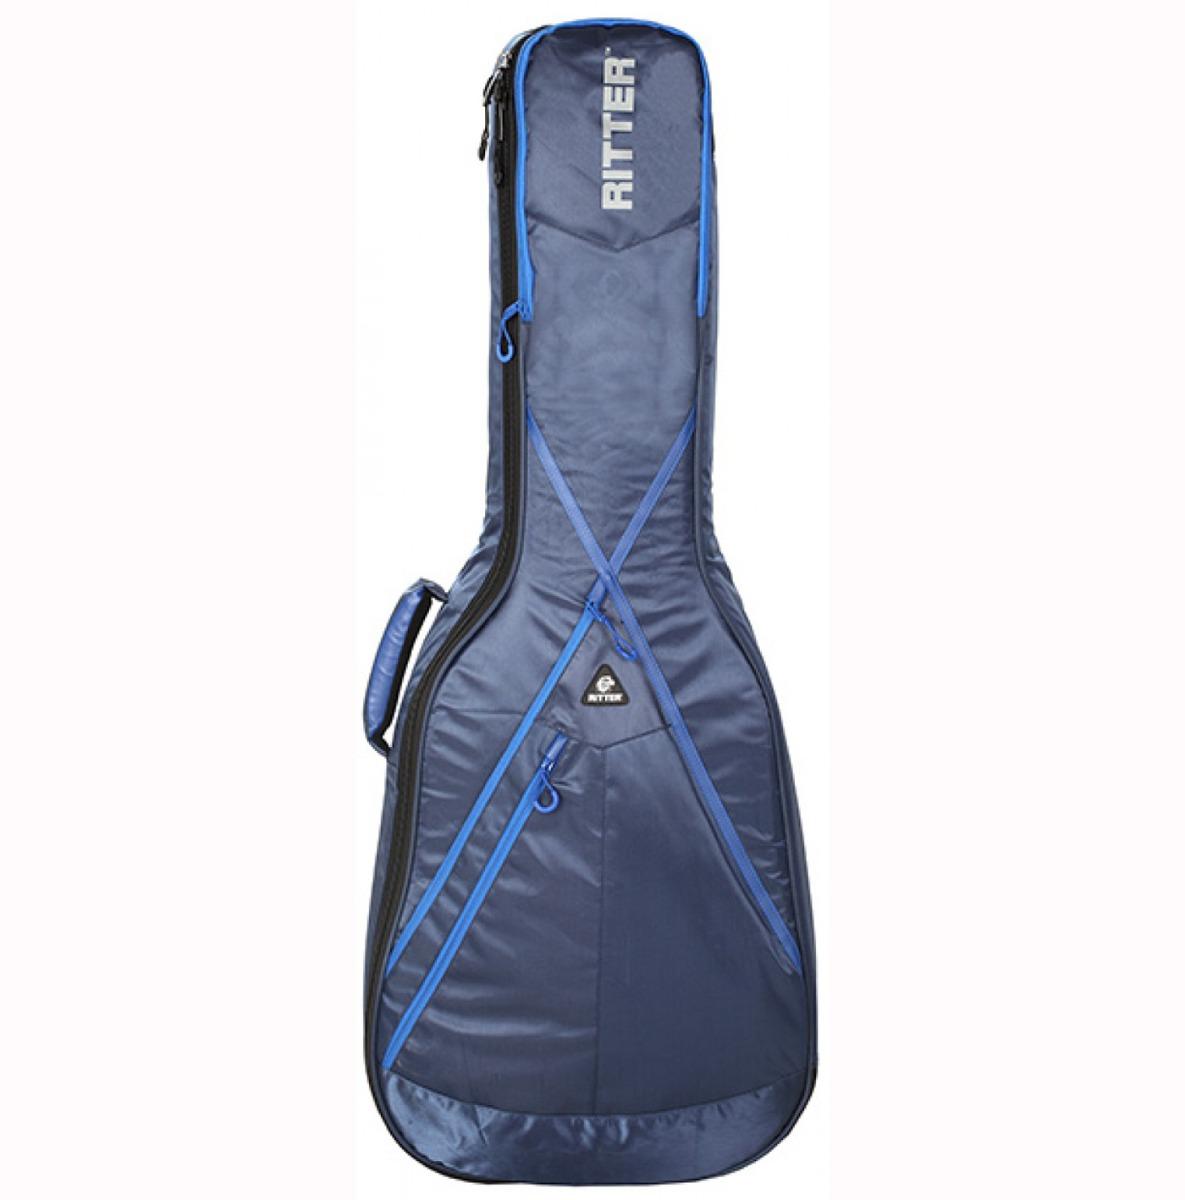 Ritter RGP8-D/NRB taske til western-guitar blå